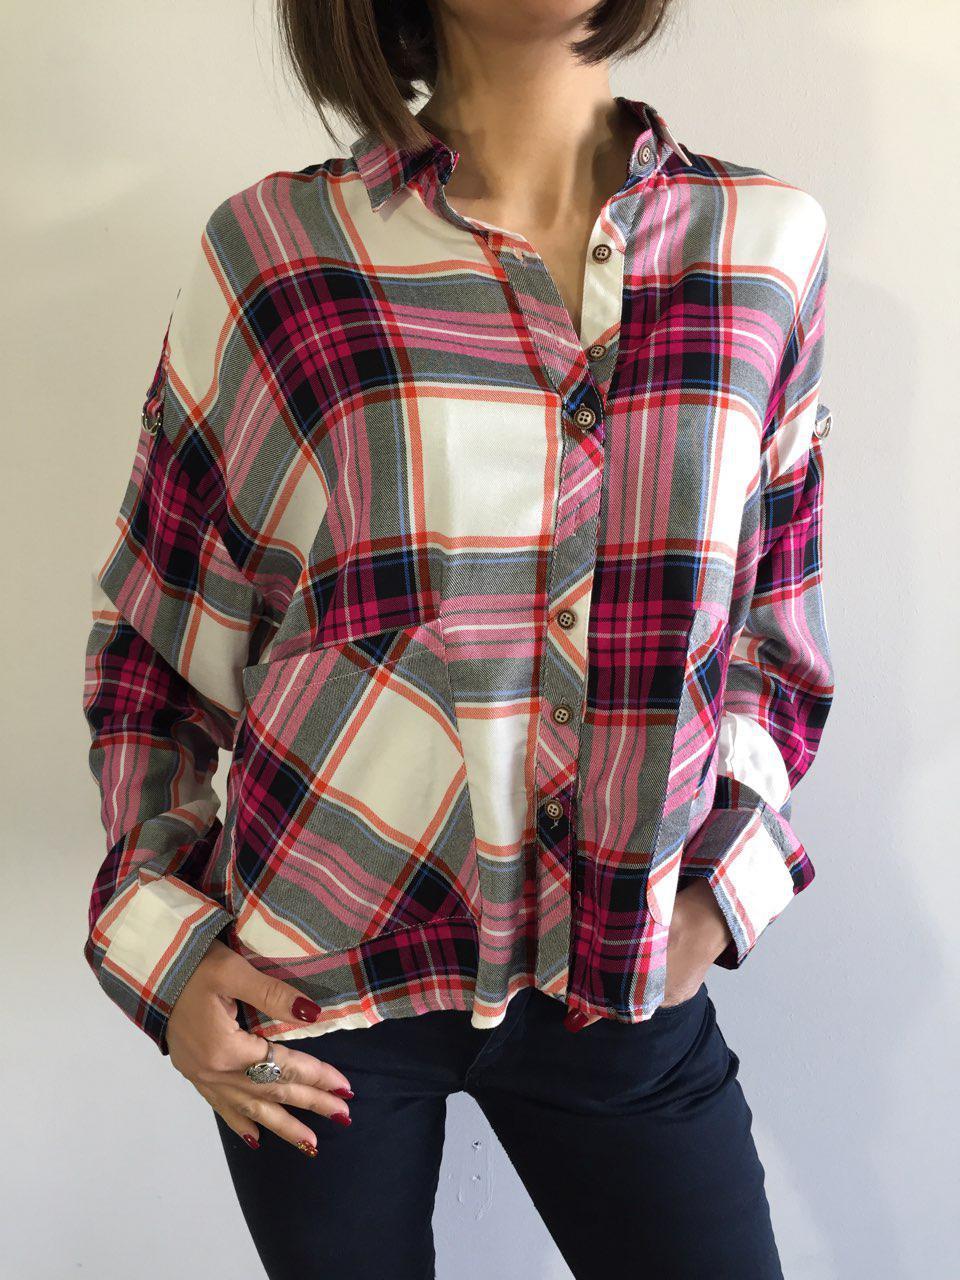 60cae9dd421 Рубашка женская клетчатая бело-розовая 7665 - купить по низкой цене ...